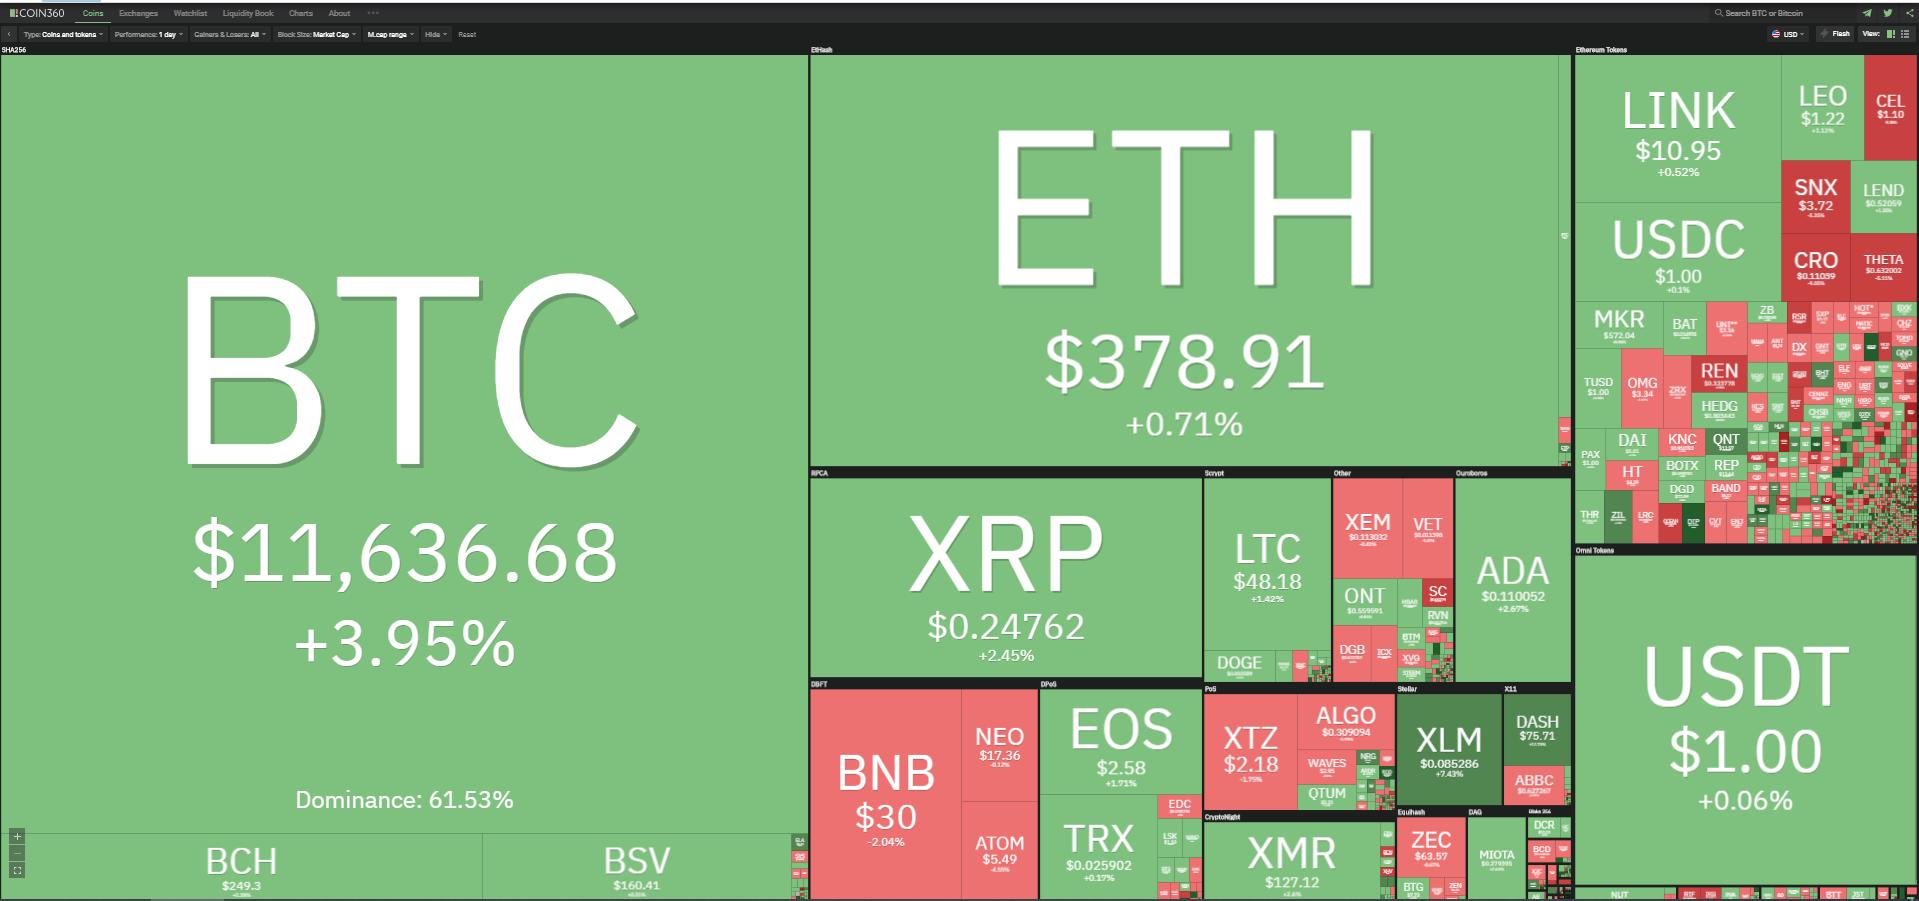 Toàn cảnh thị trường tiền kĩ thuật số ngày 20/10 (nguồn: Coin360.com).